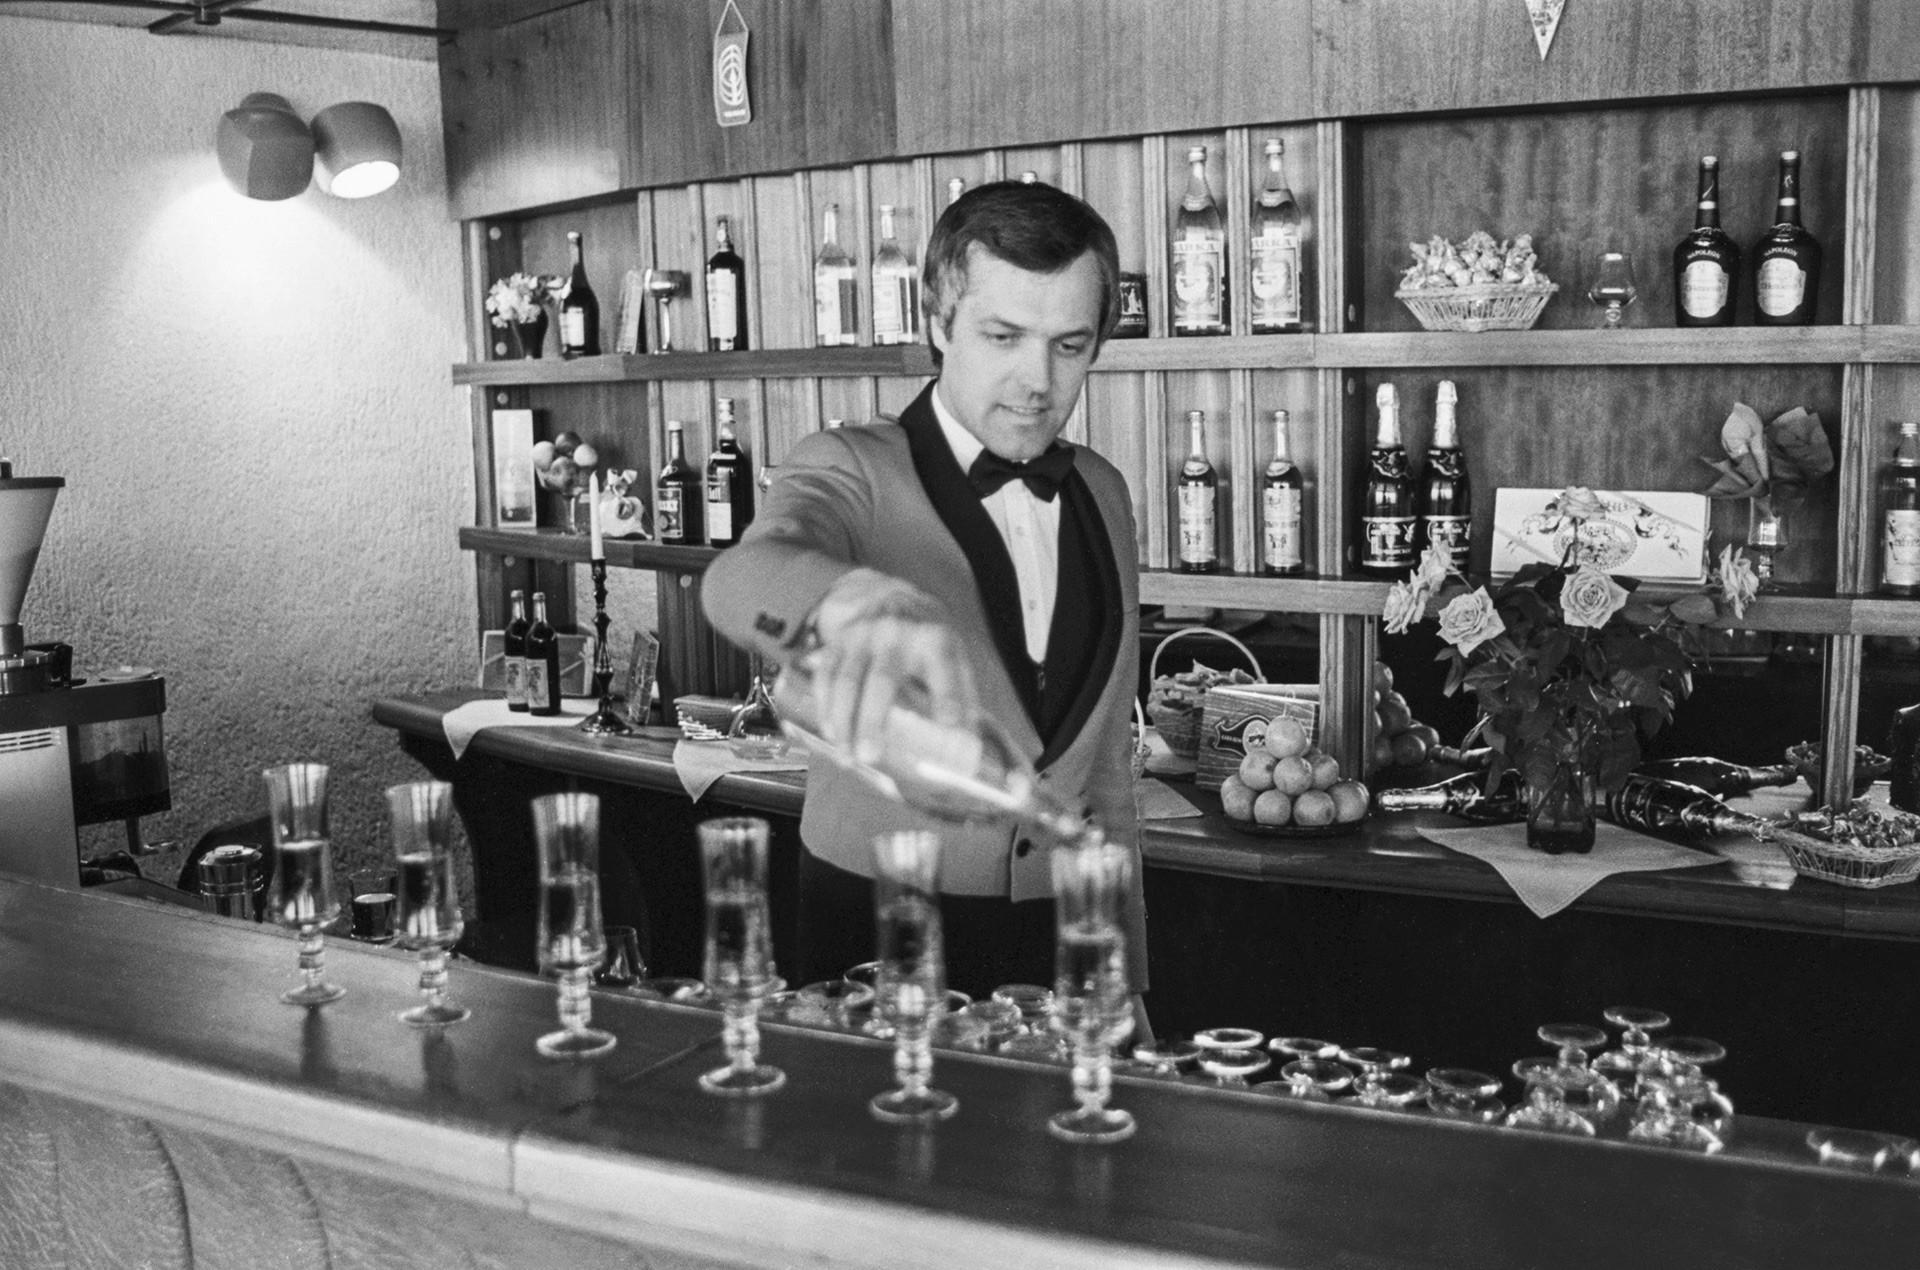 Un barman en el café ´Mlechni put´ (Vía Láctea, en español)